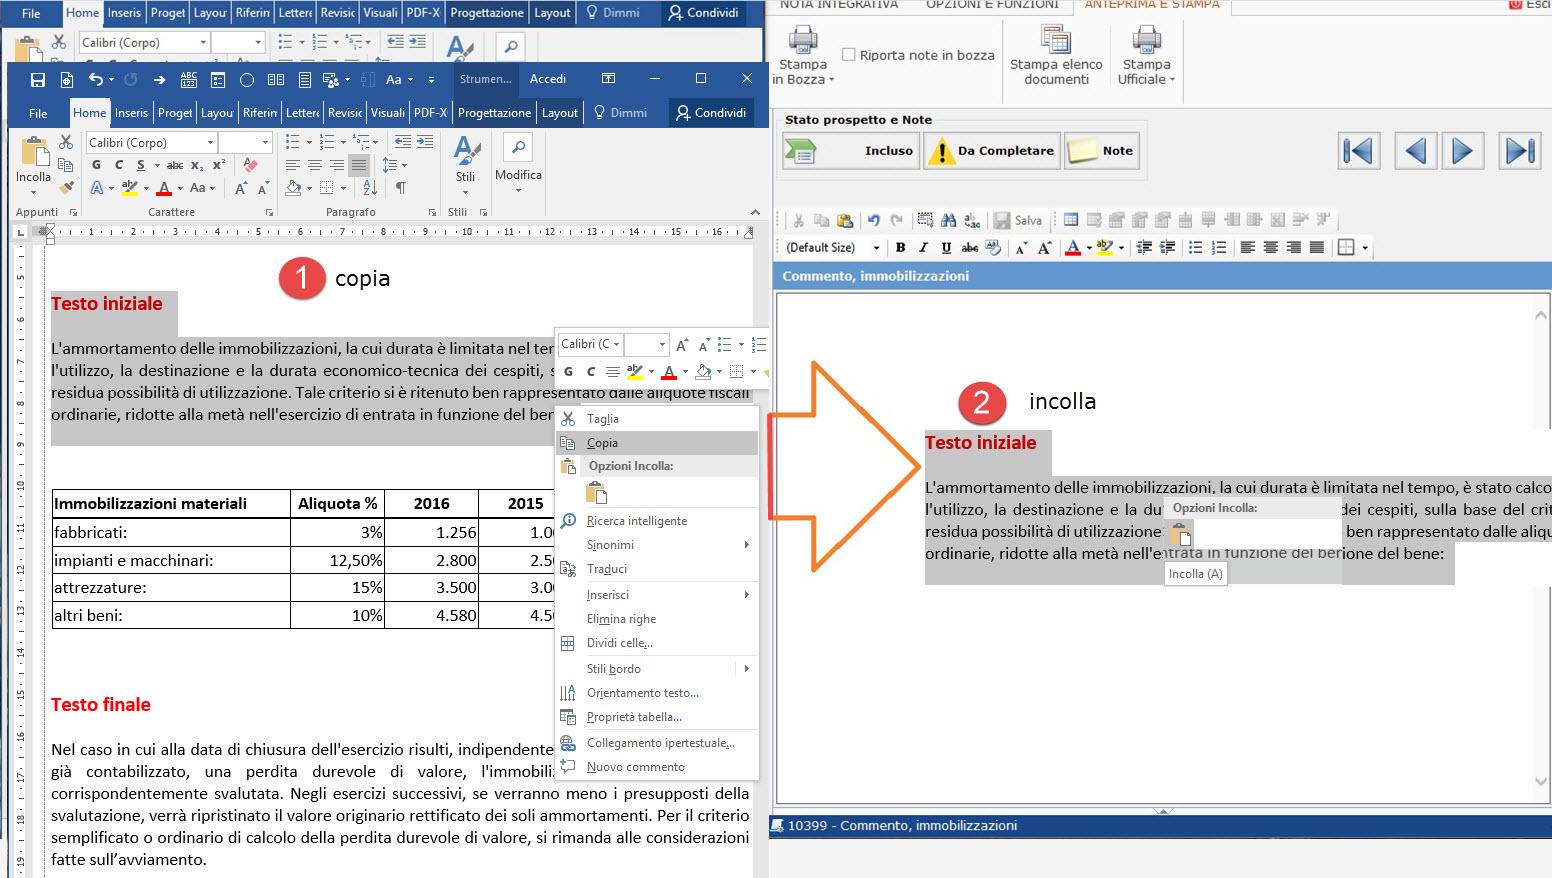 Nota Integrativa: come incollare tabelle e testi nell'Editor – prima va incollato il testo